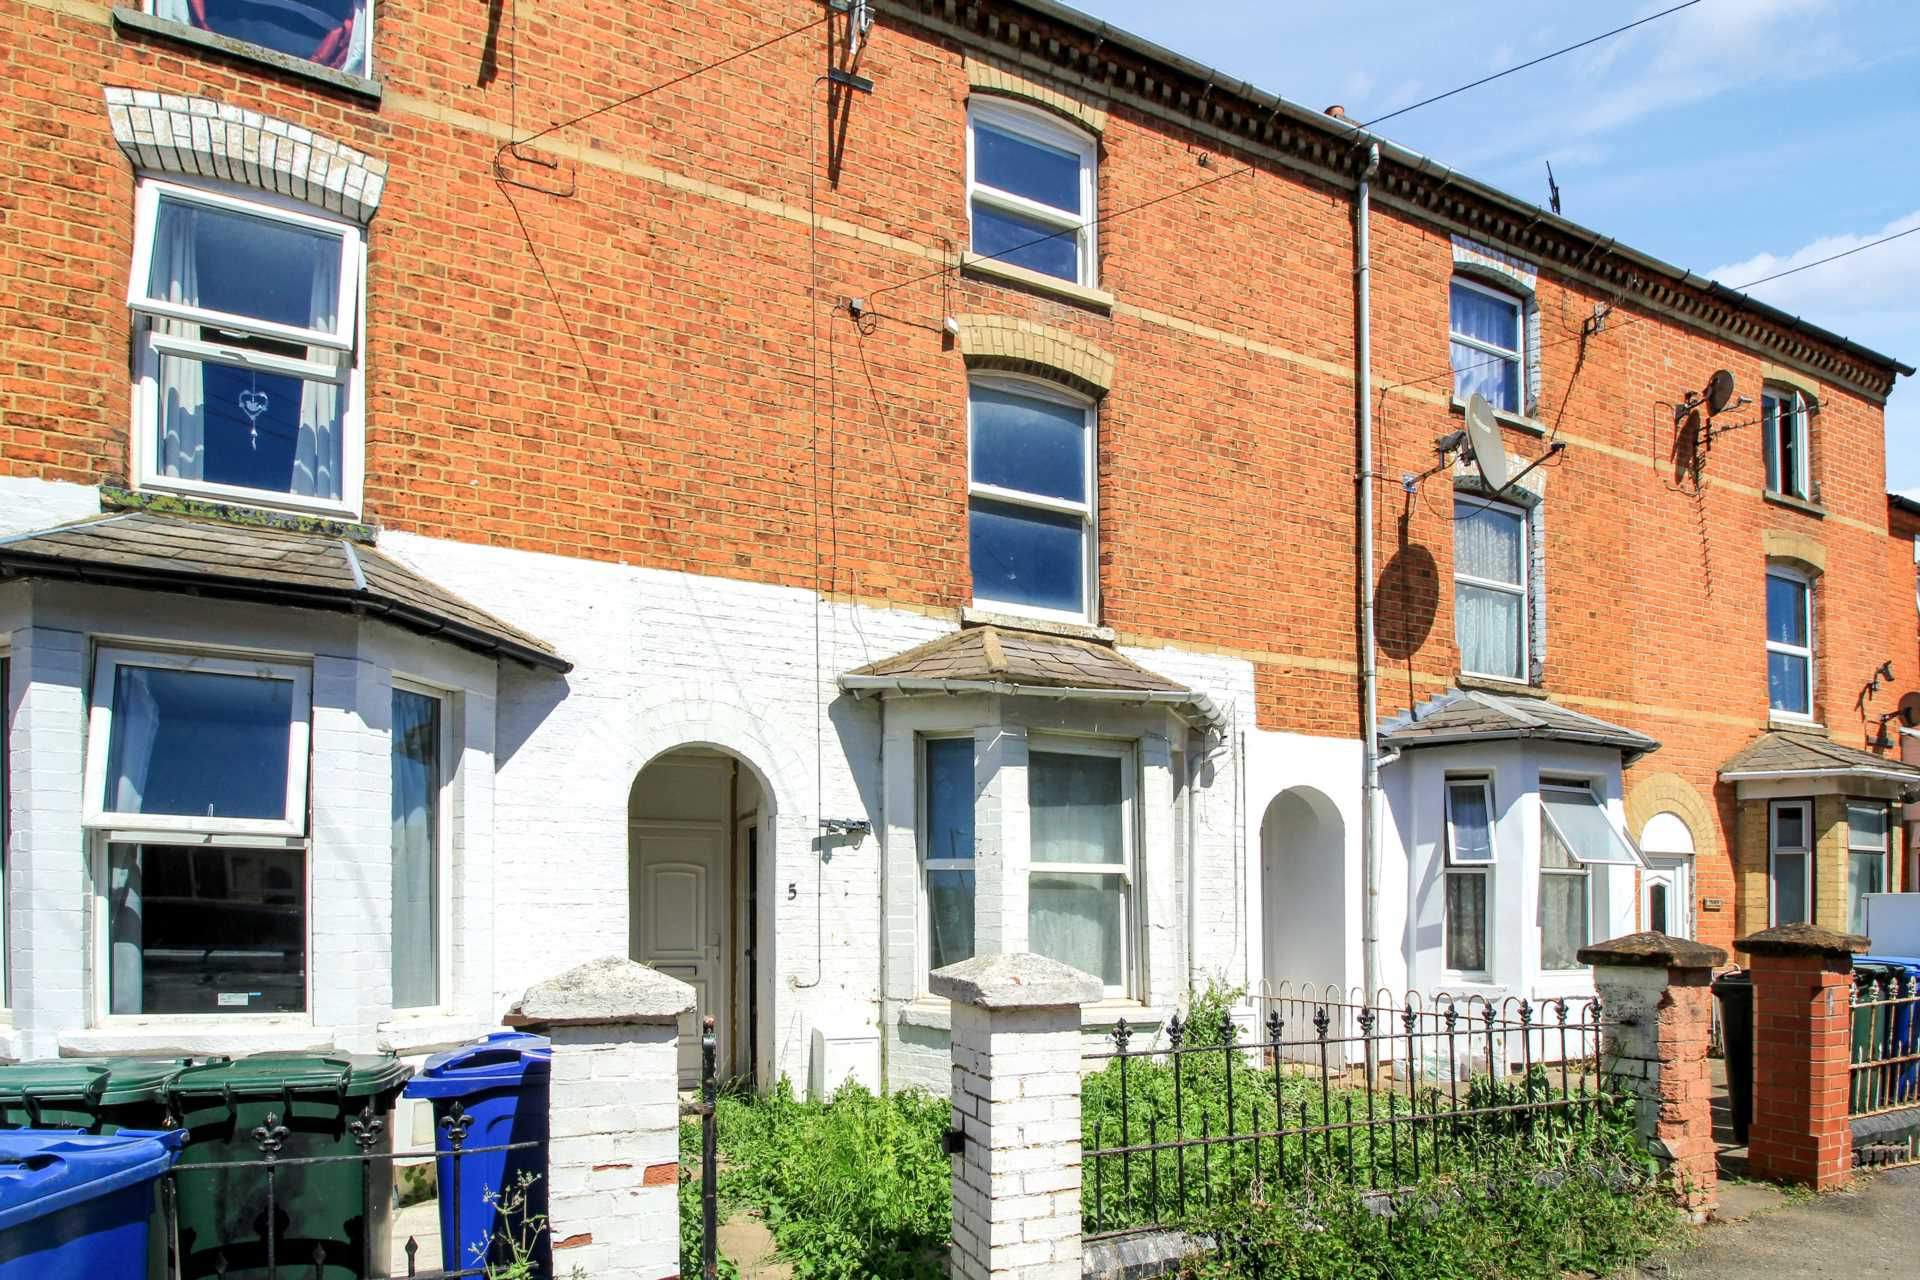 Merton Street, Banbury, Image 1